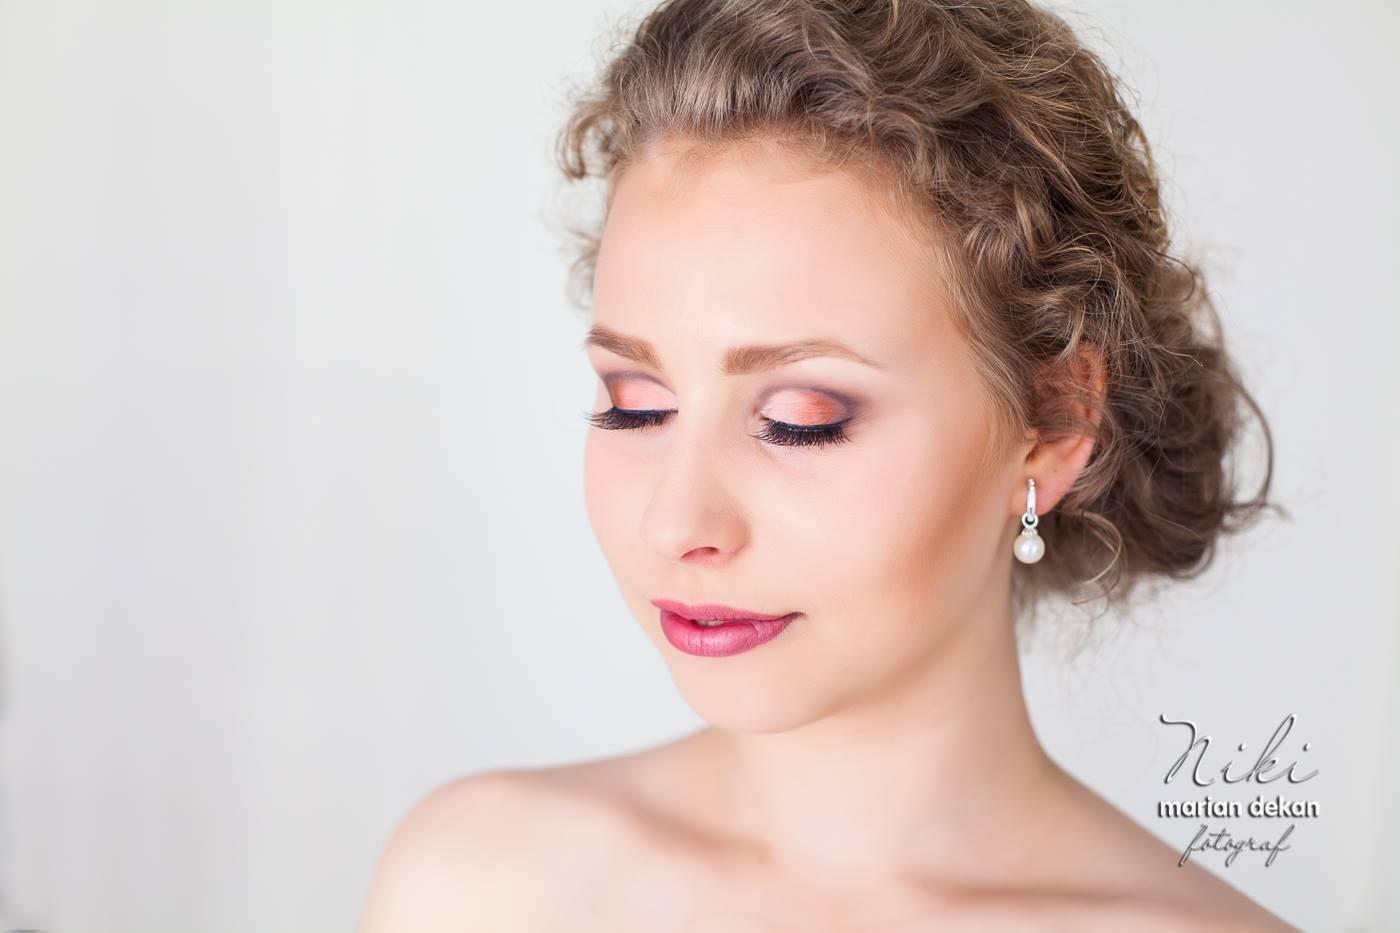 petuss_makeup_artist - Obrázok č. 1